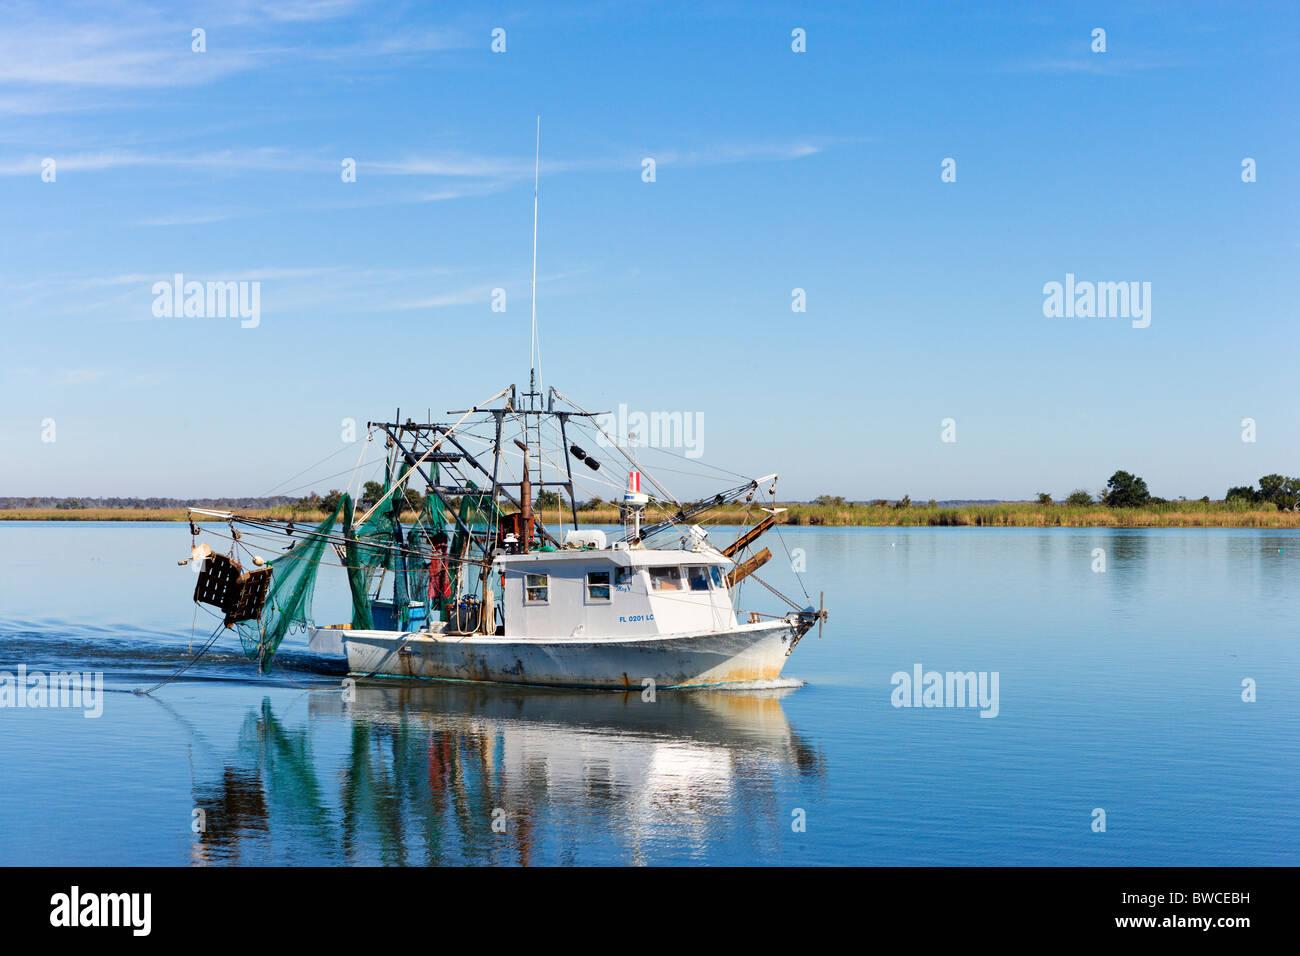 Bateau de pêche près de l'embouchure de la Rivière Apalachicola, Apalachicola, la Côte du Photo Stock